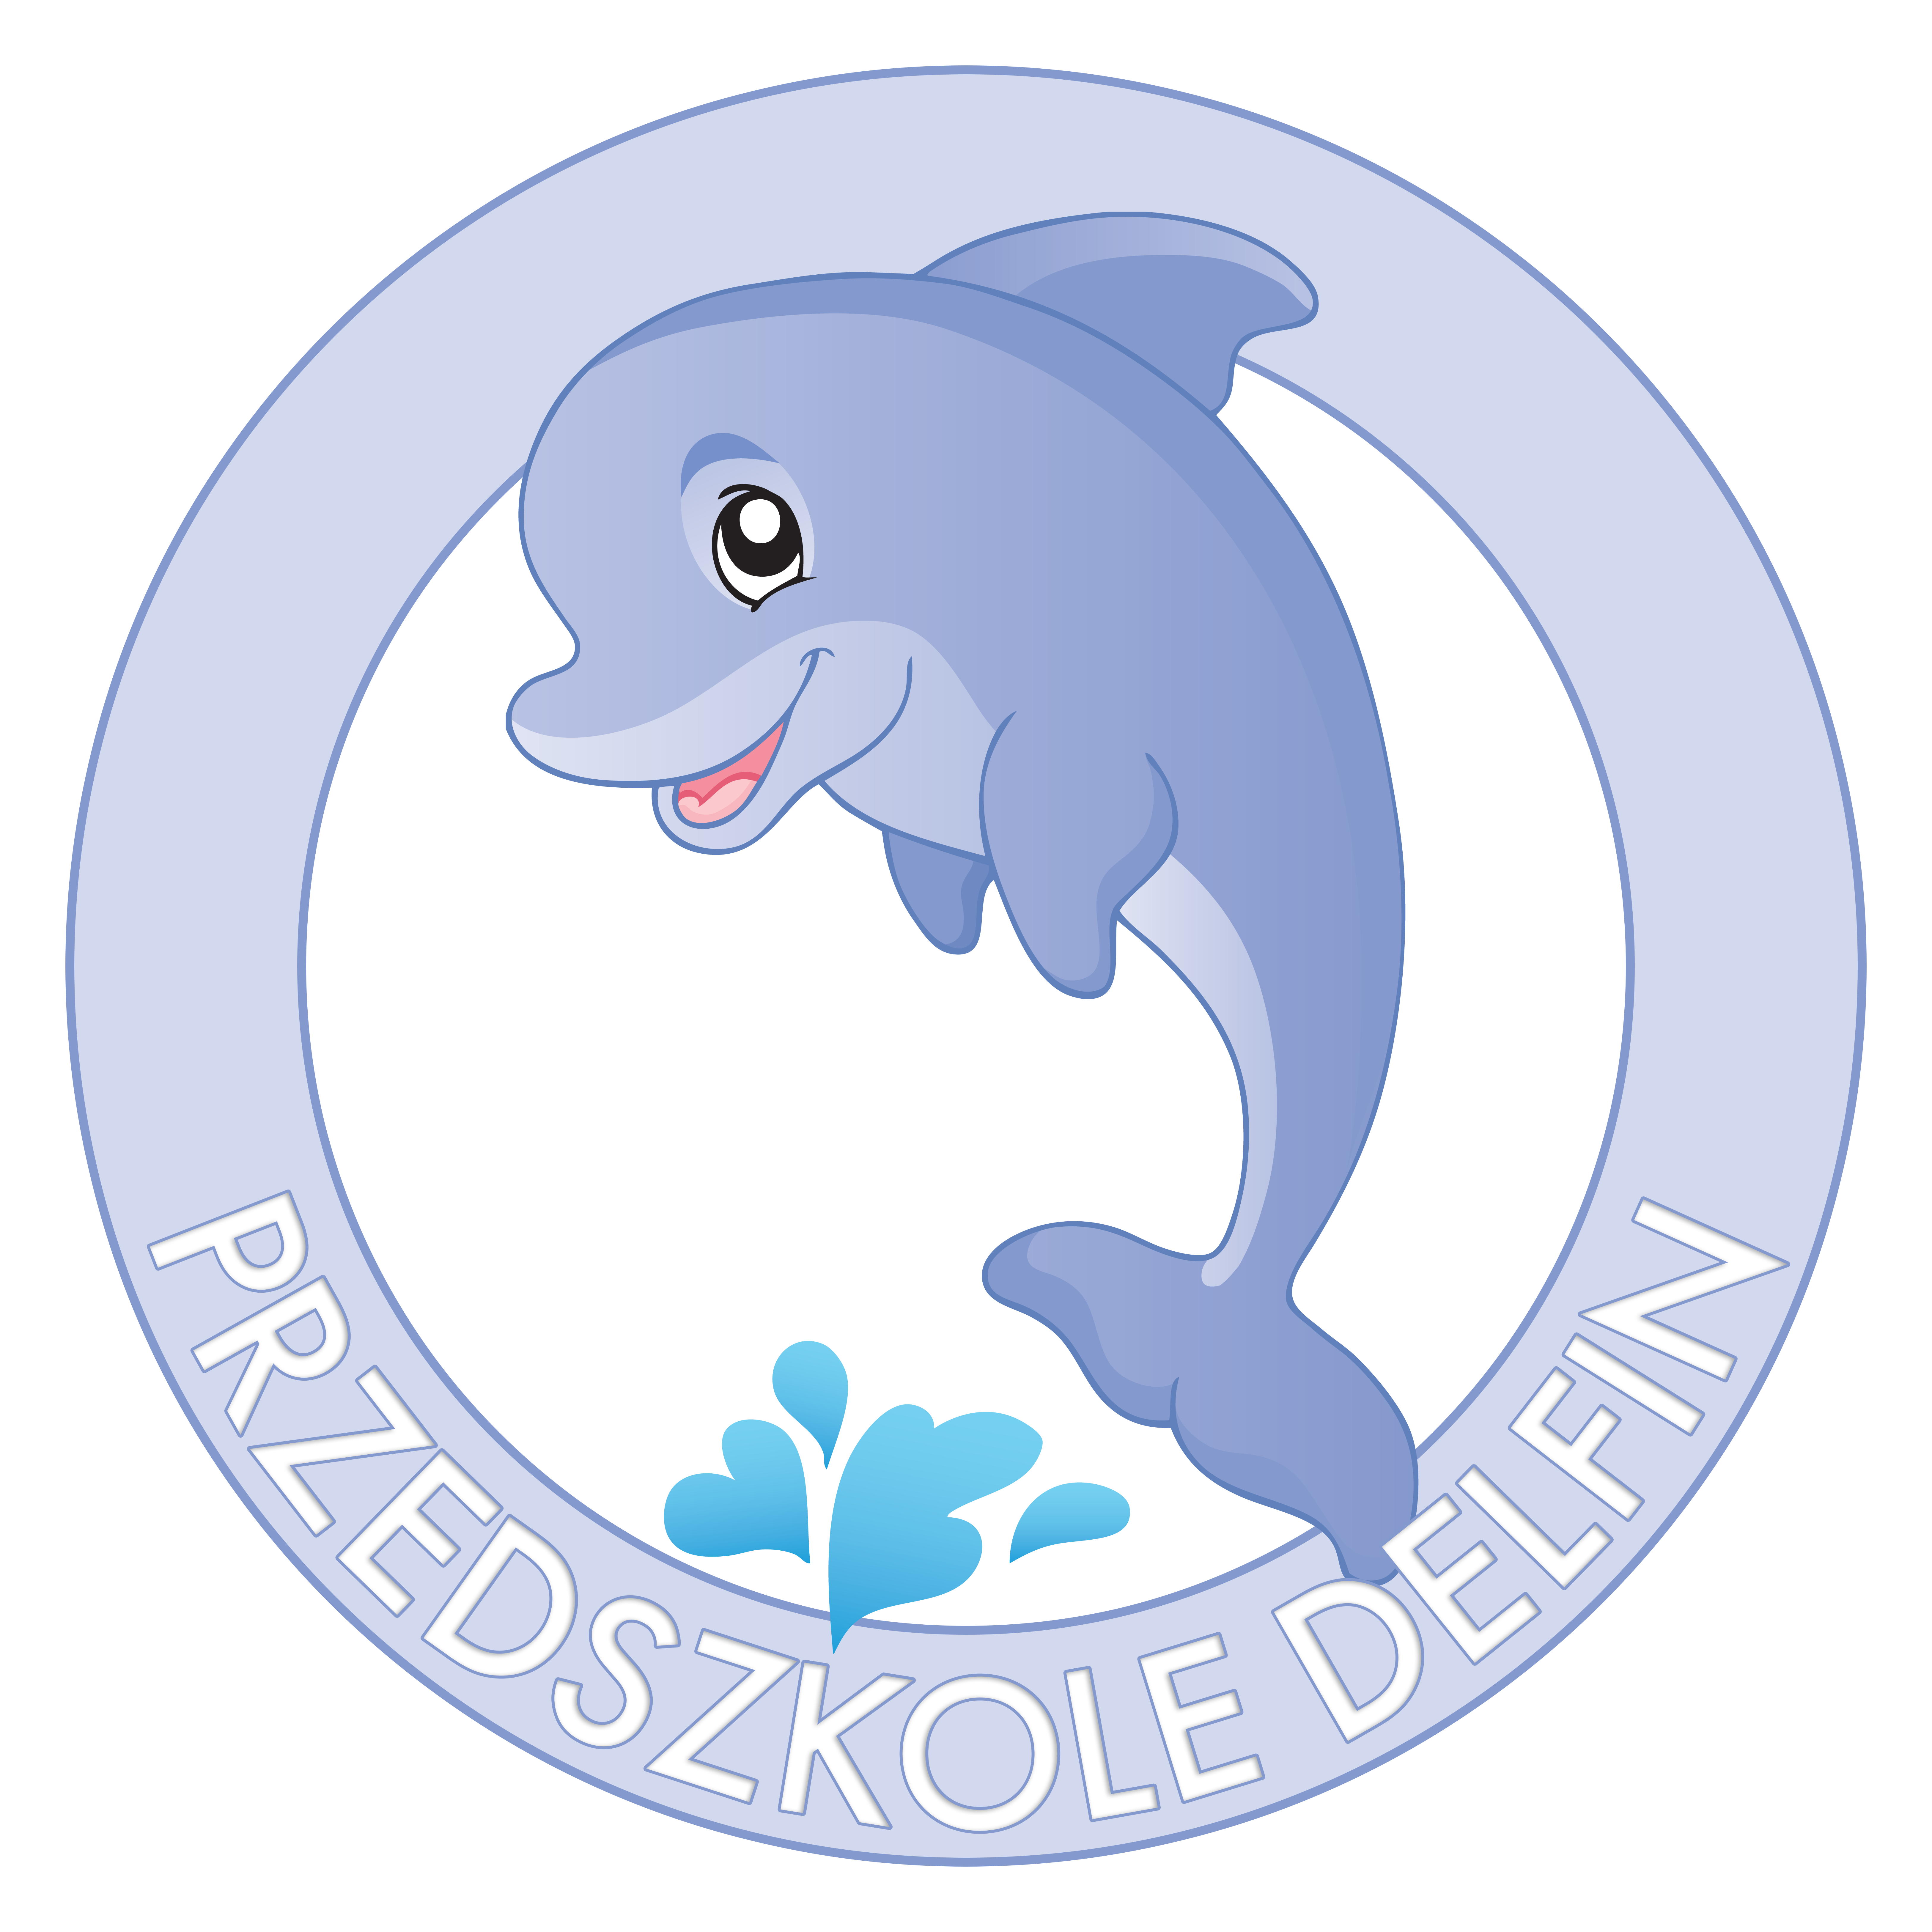 Przedszkole Delfin Olsztyn